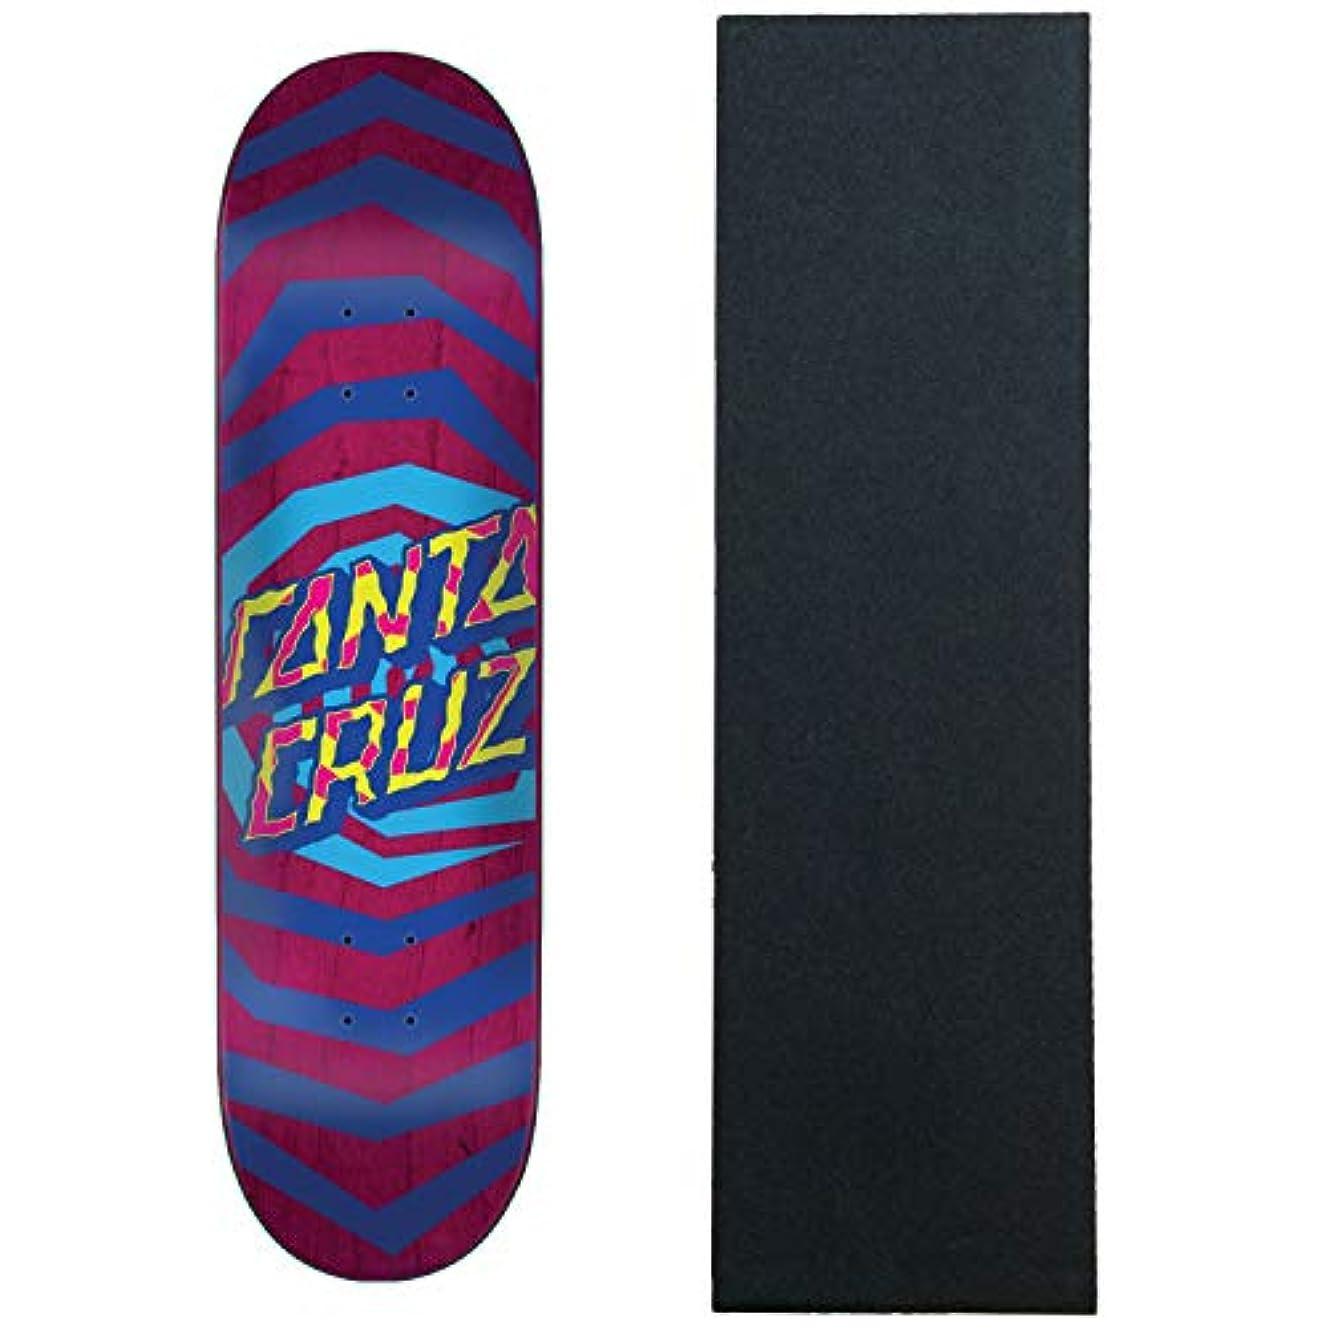 兄捨てるブルジョンSanta Cruz スケートボード デッキ イリュージョン ドット パープル 8.25インチ グリップ付き